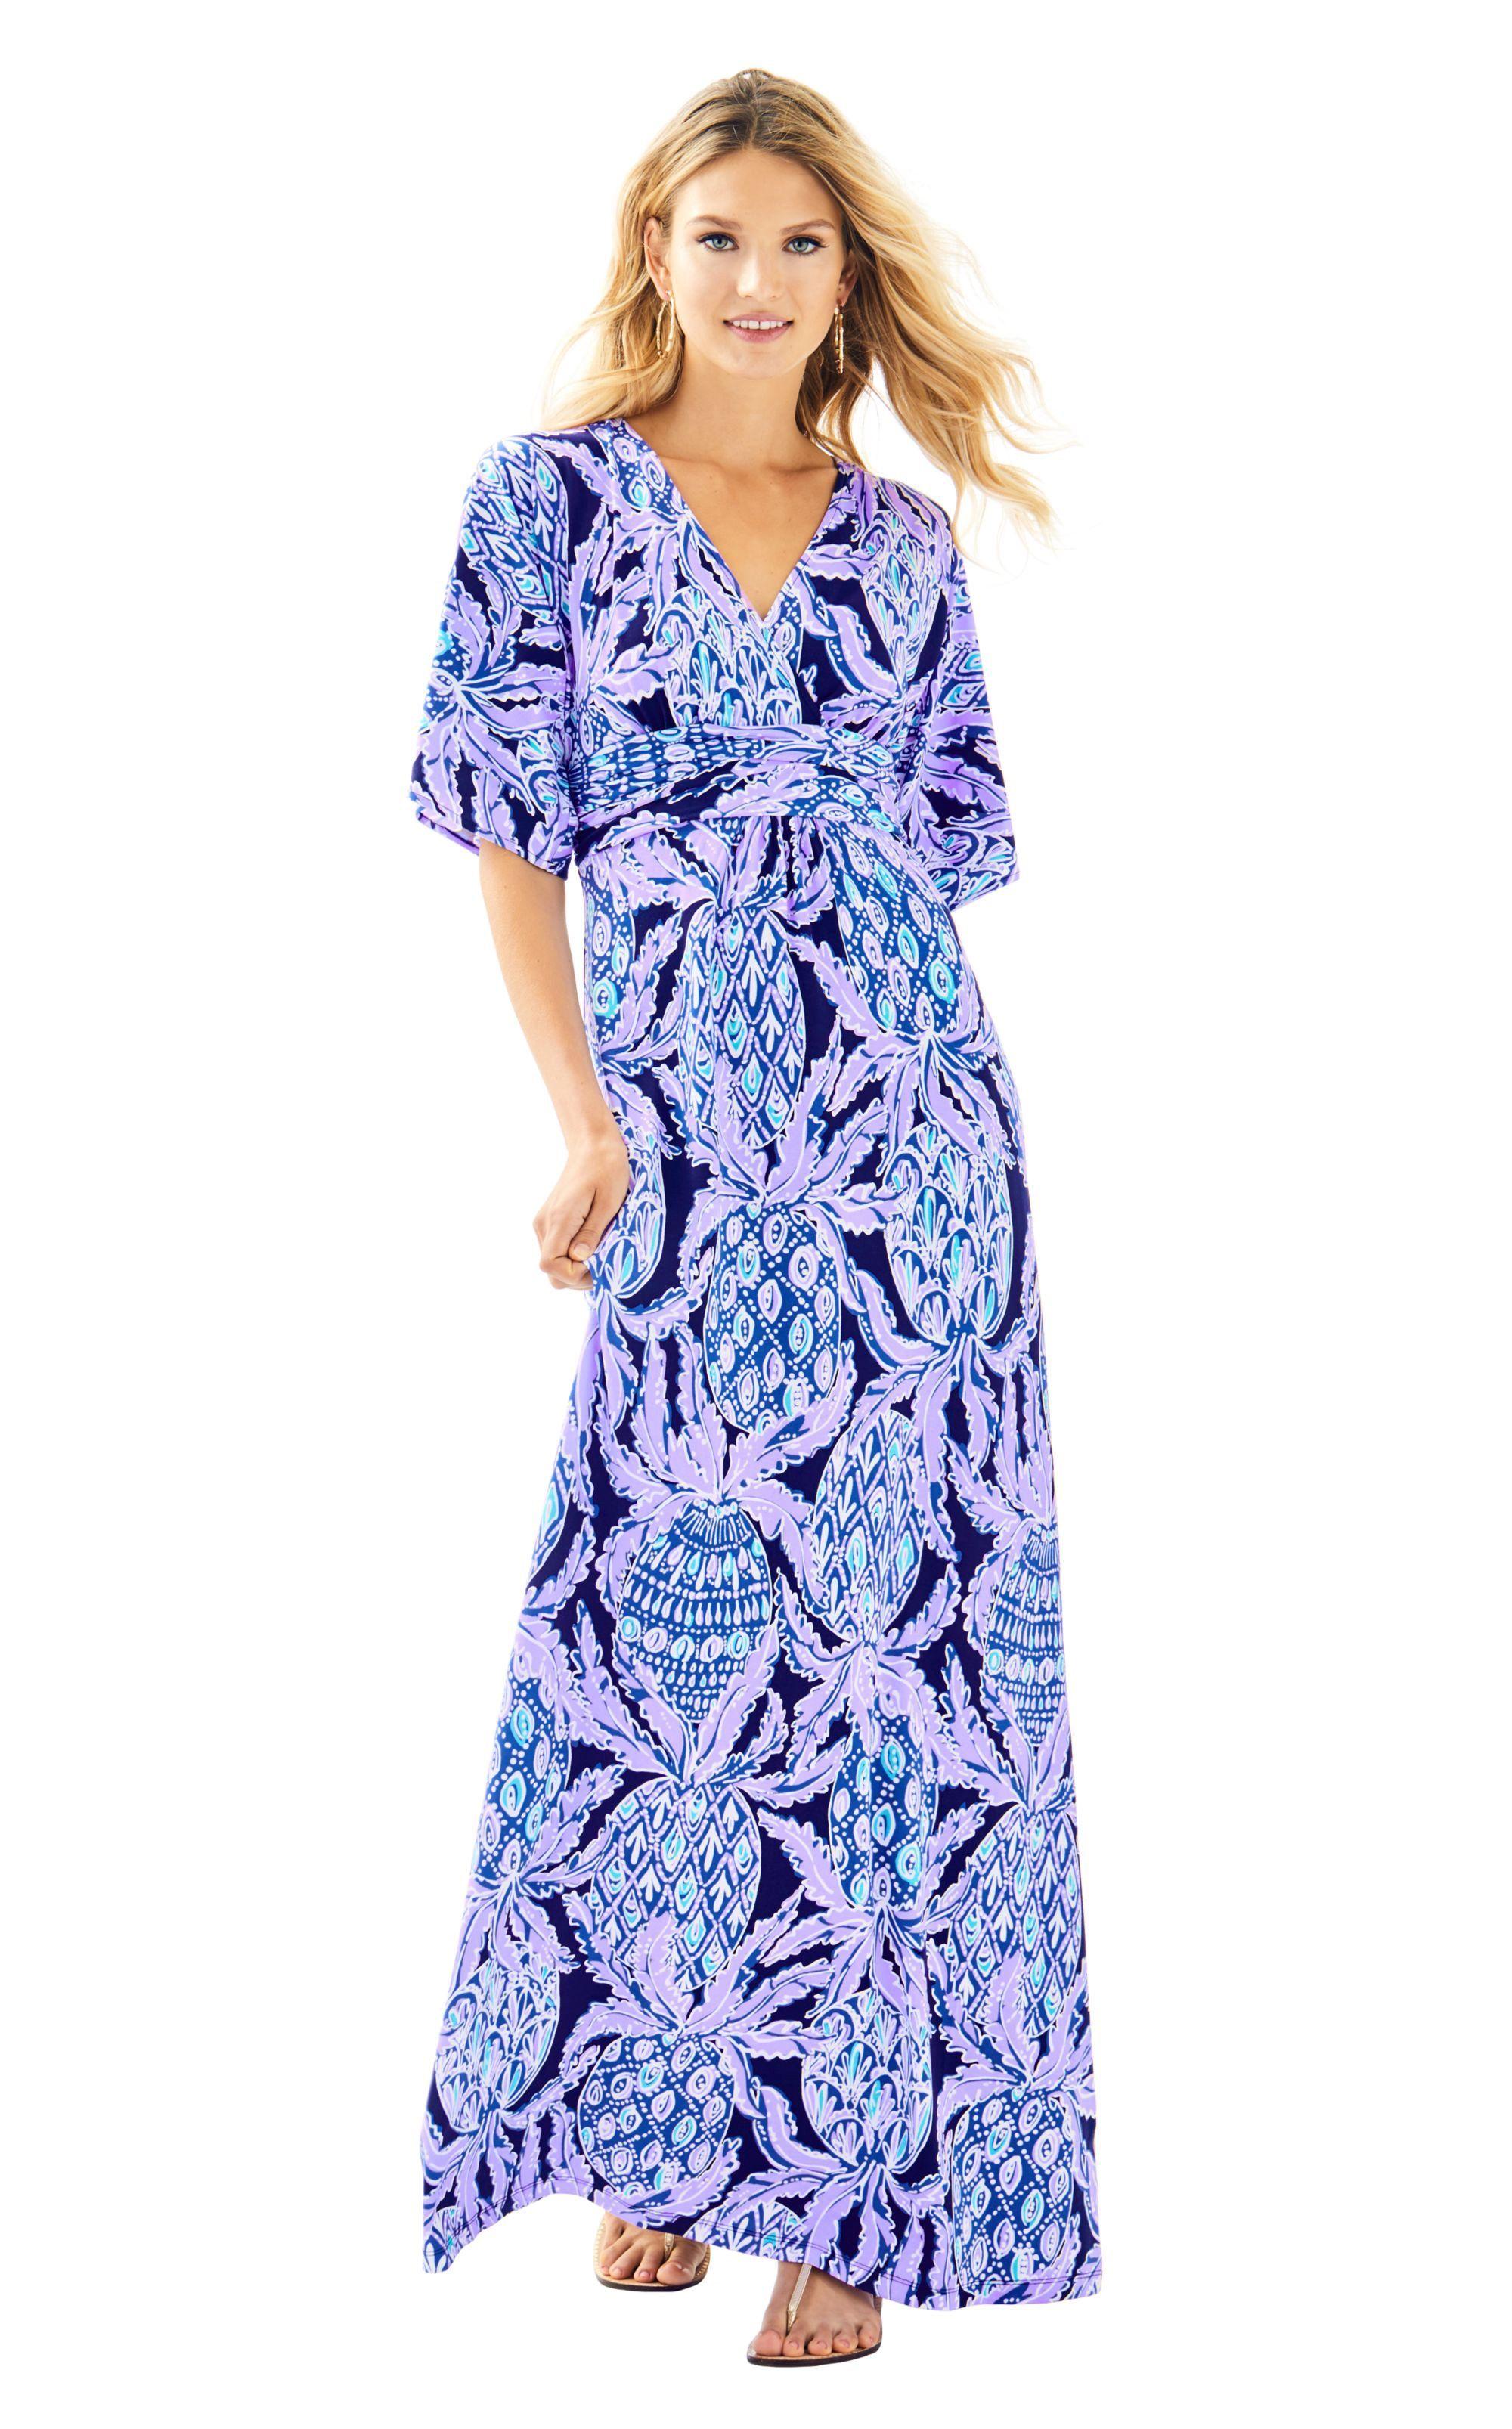 e30c29ad7a8 Lilly Pulitzer Parigi Maxi Dress - Lilac Verbena Pop Up Coco Safari ...